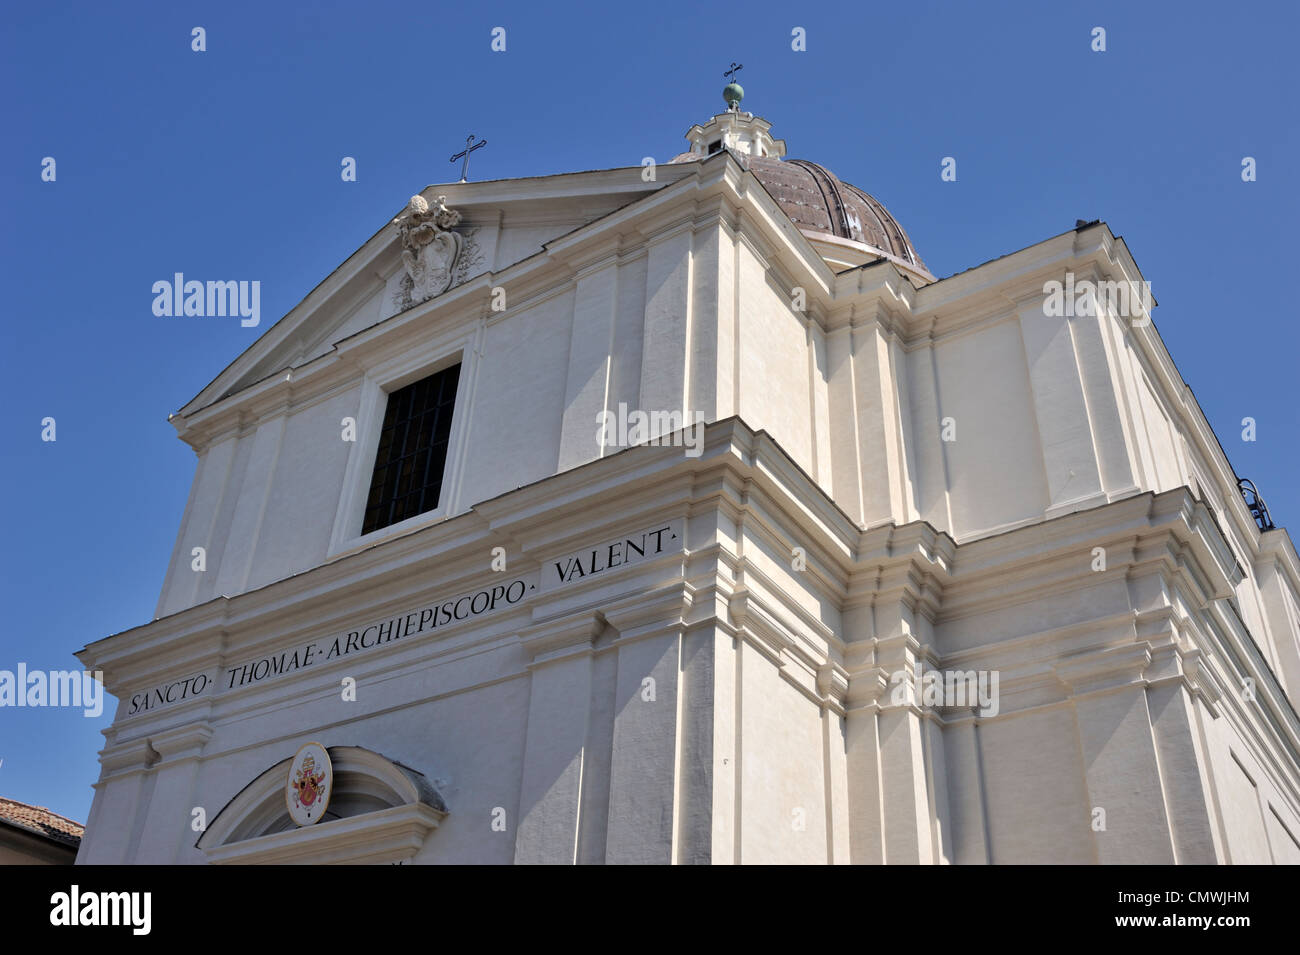 italy, lazio, castel gandolfo, piazza della libertà, church of san tommaso - Stock Image